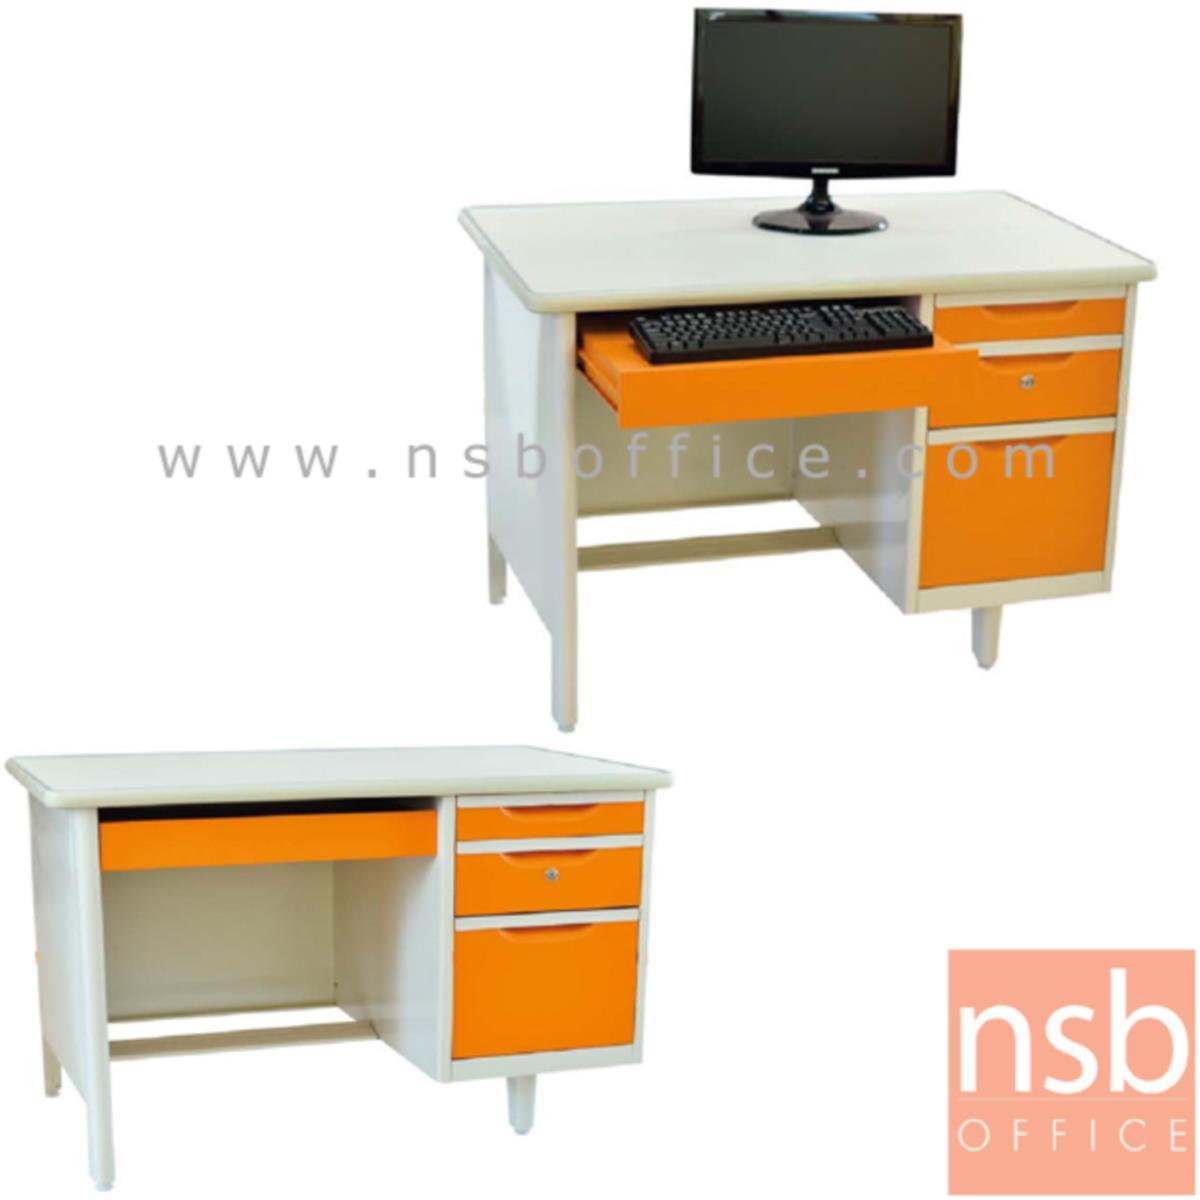 โต๊ะคอมพิวเตอร์เหล็กหน้าเหล็ก 3 ลิ้นชัก รุ่น Glen (เกล็น) ขนาด 3 ,3.5, 4, 4.5, 5 ฟุต พร้อมรางคีย์บอร์ด